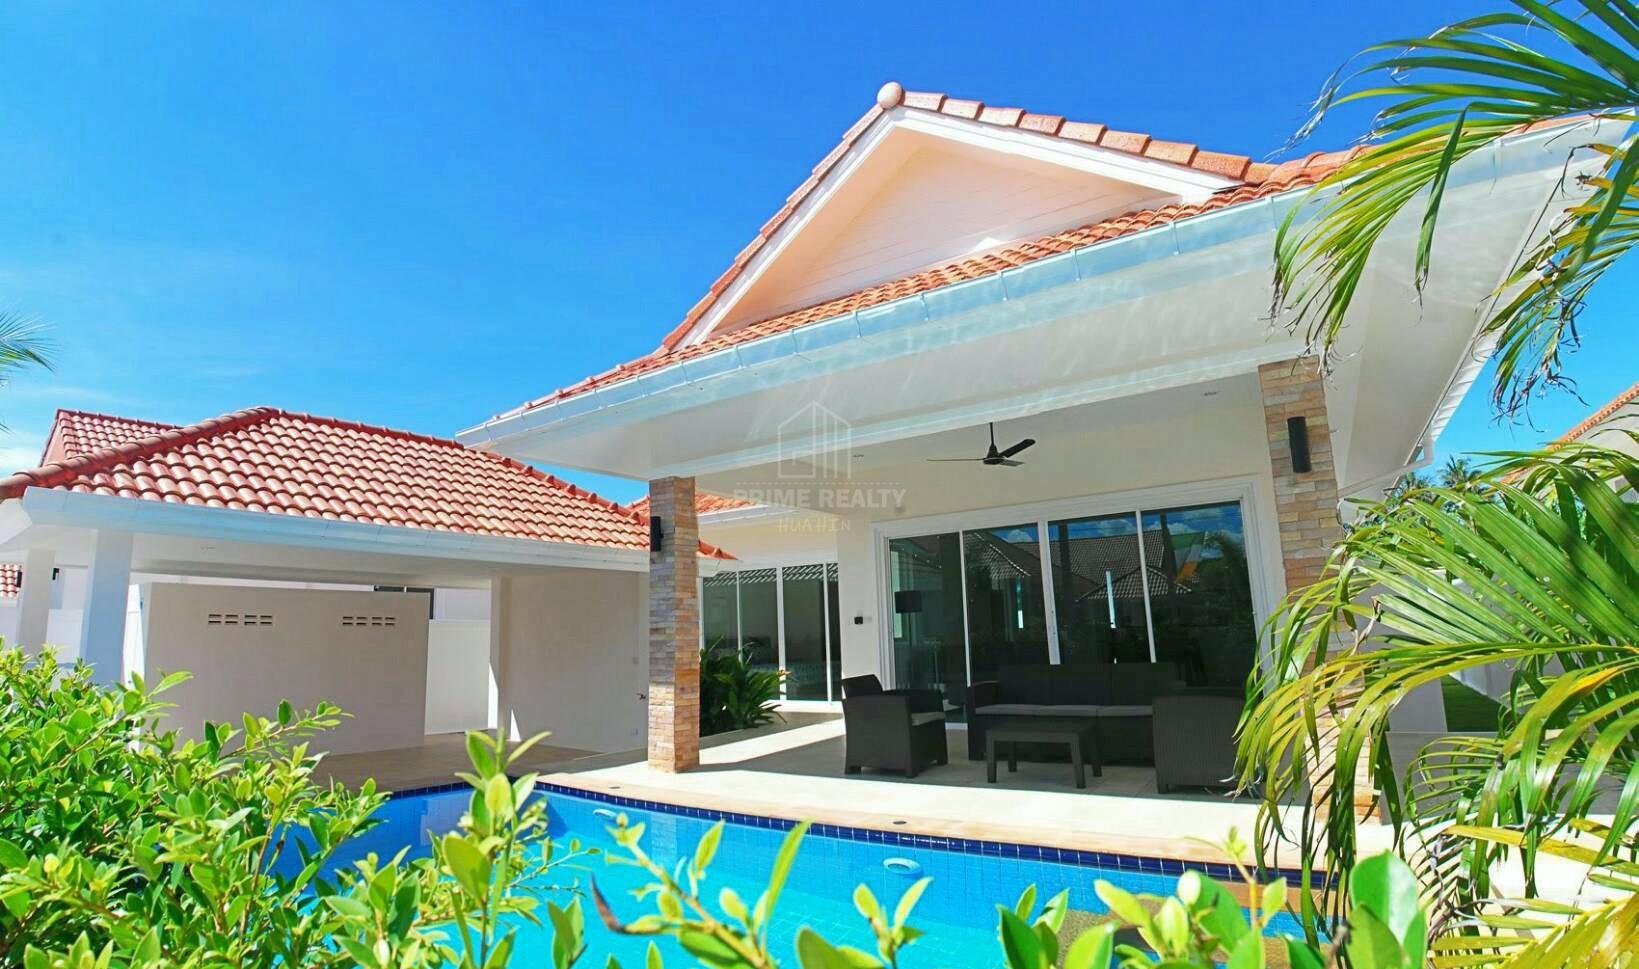 ขายบ้านตากอากาศใกล้สนามกอล์ฟ Pool Villa Hua Hin For Sale